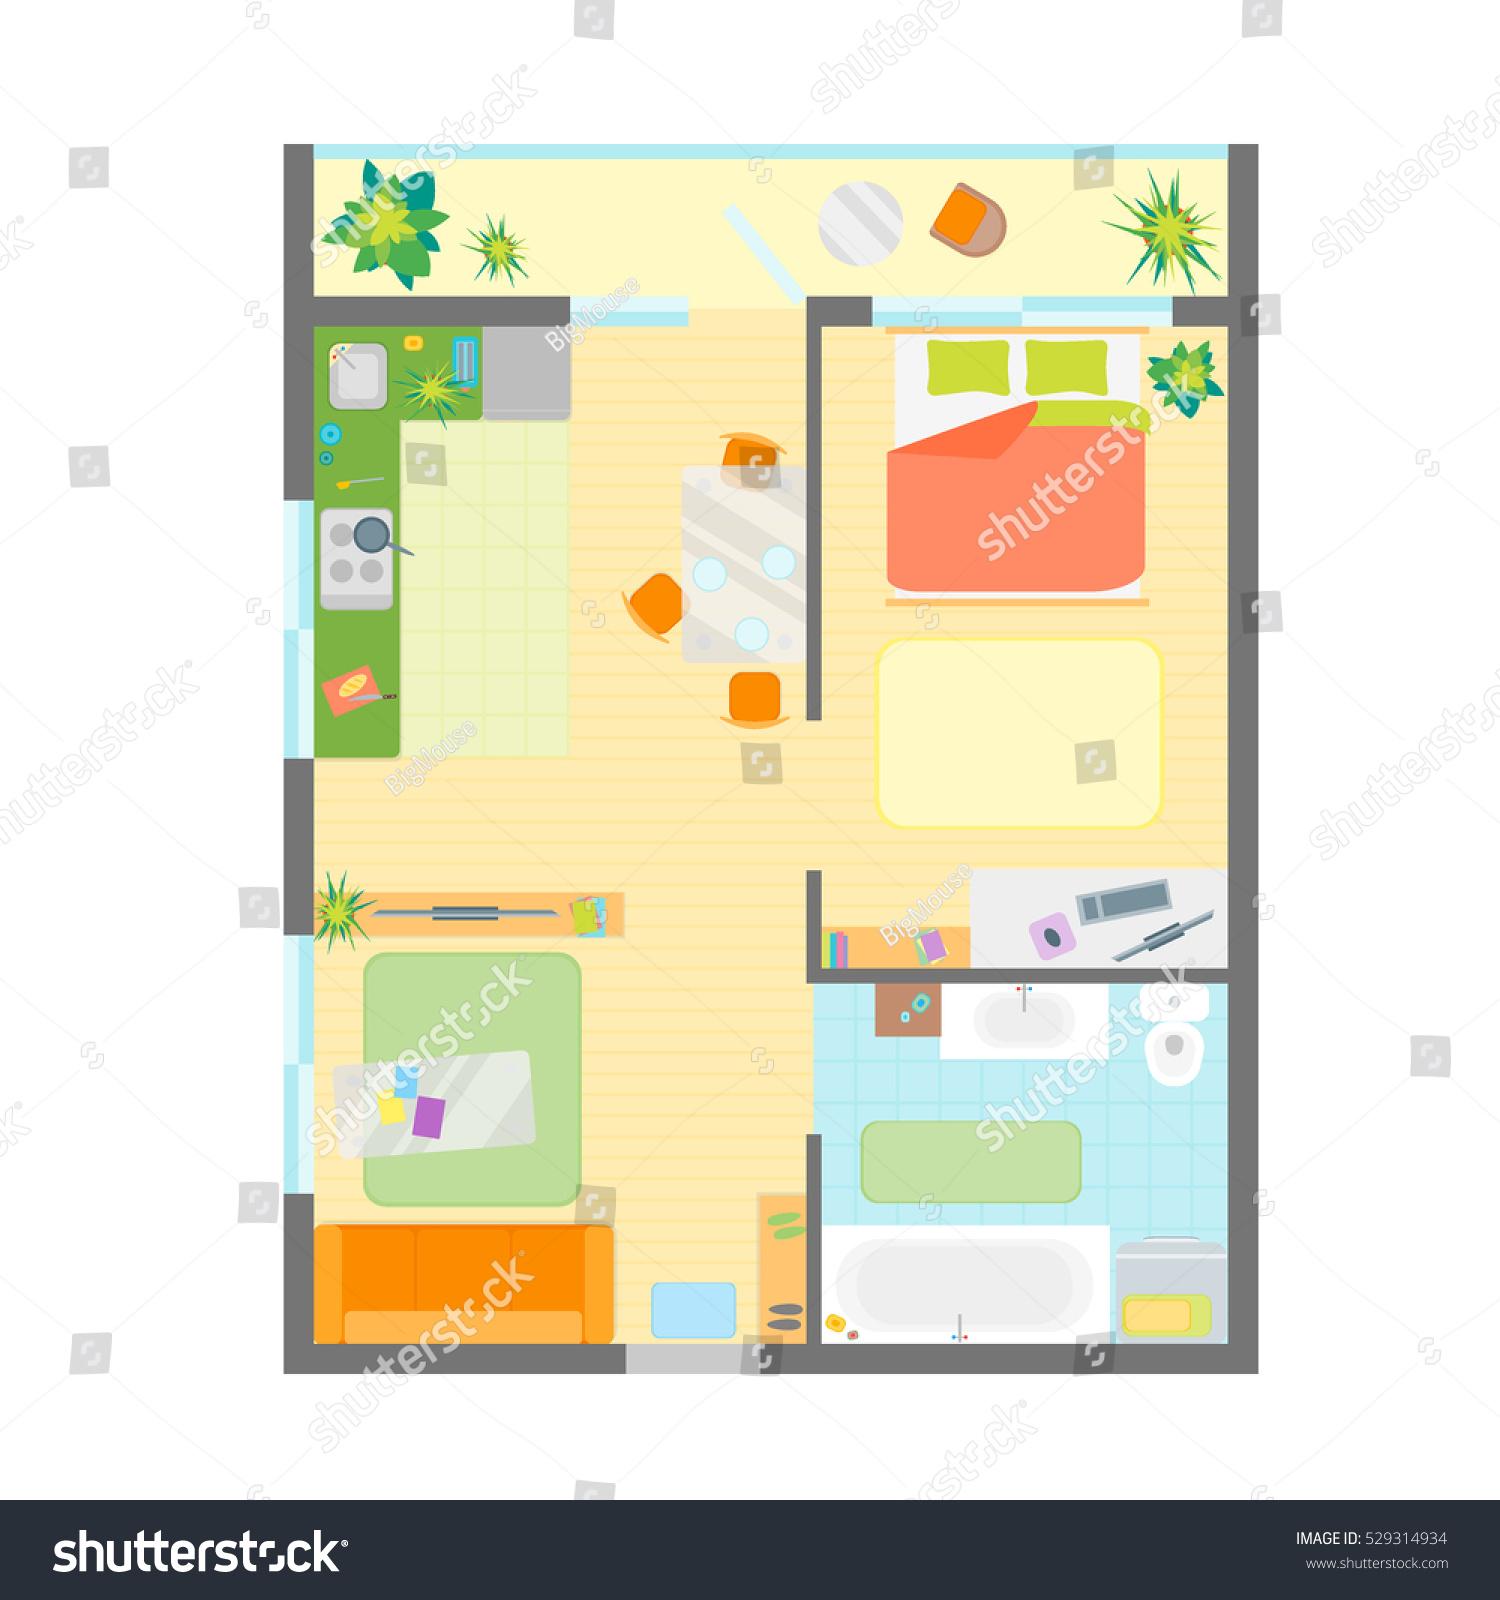 apartment floor plan furniture top view stock vector 529314934 apartment floor plan with furniture top view vector